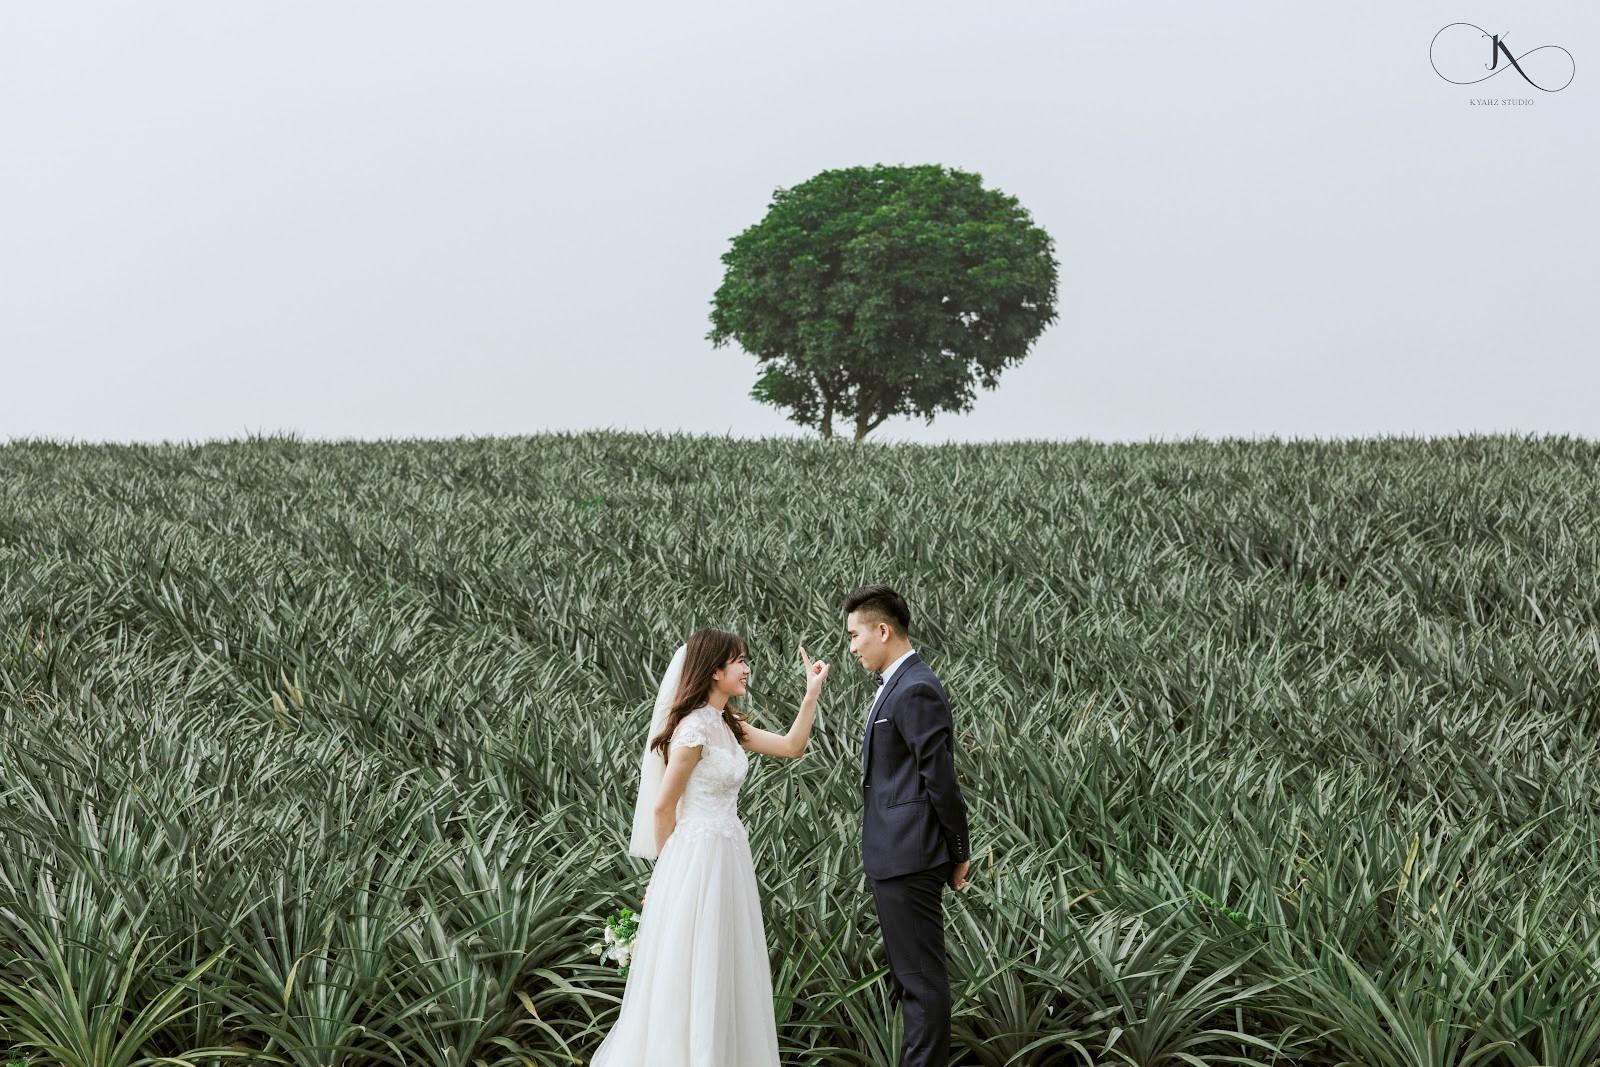 """Dân tình phát sốt với bộ ảnh cưới trong trẻo """"Vẽ giấc mơ tình yêu"""" trên cánh đồng dứa Ninh Bình - Ảnh 1."""